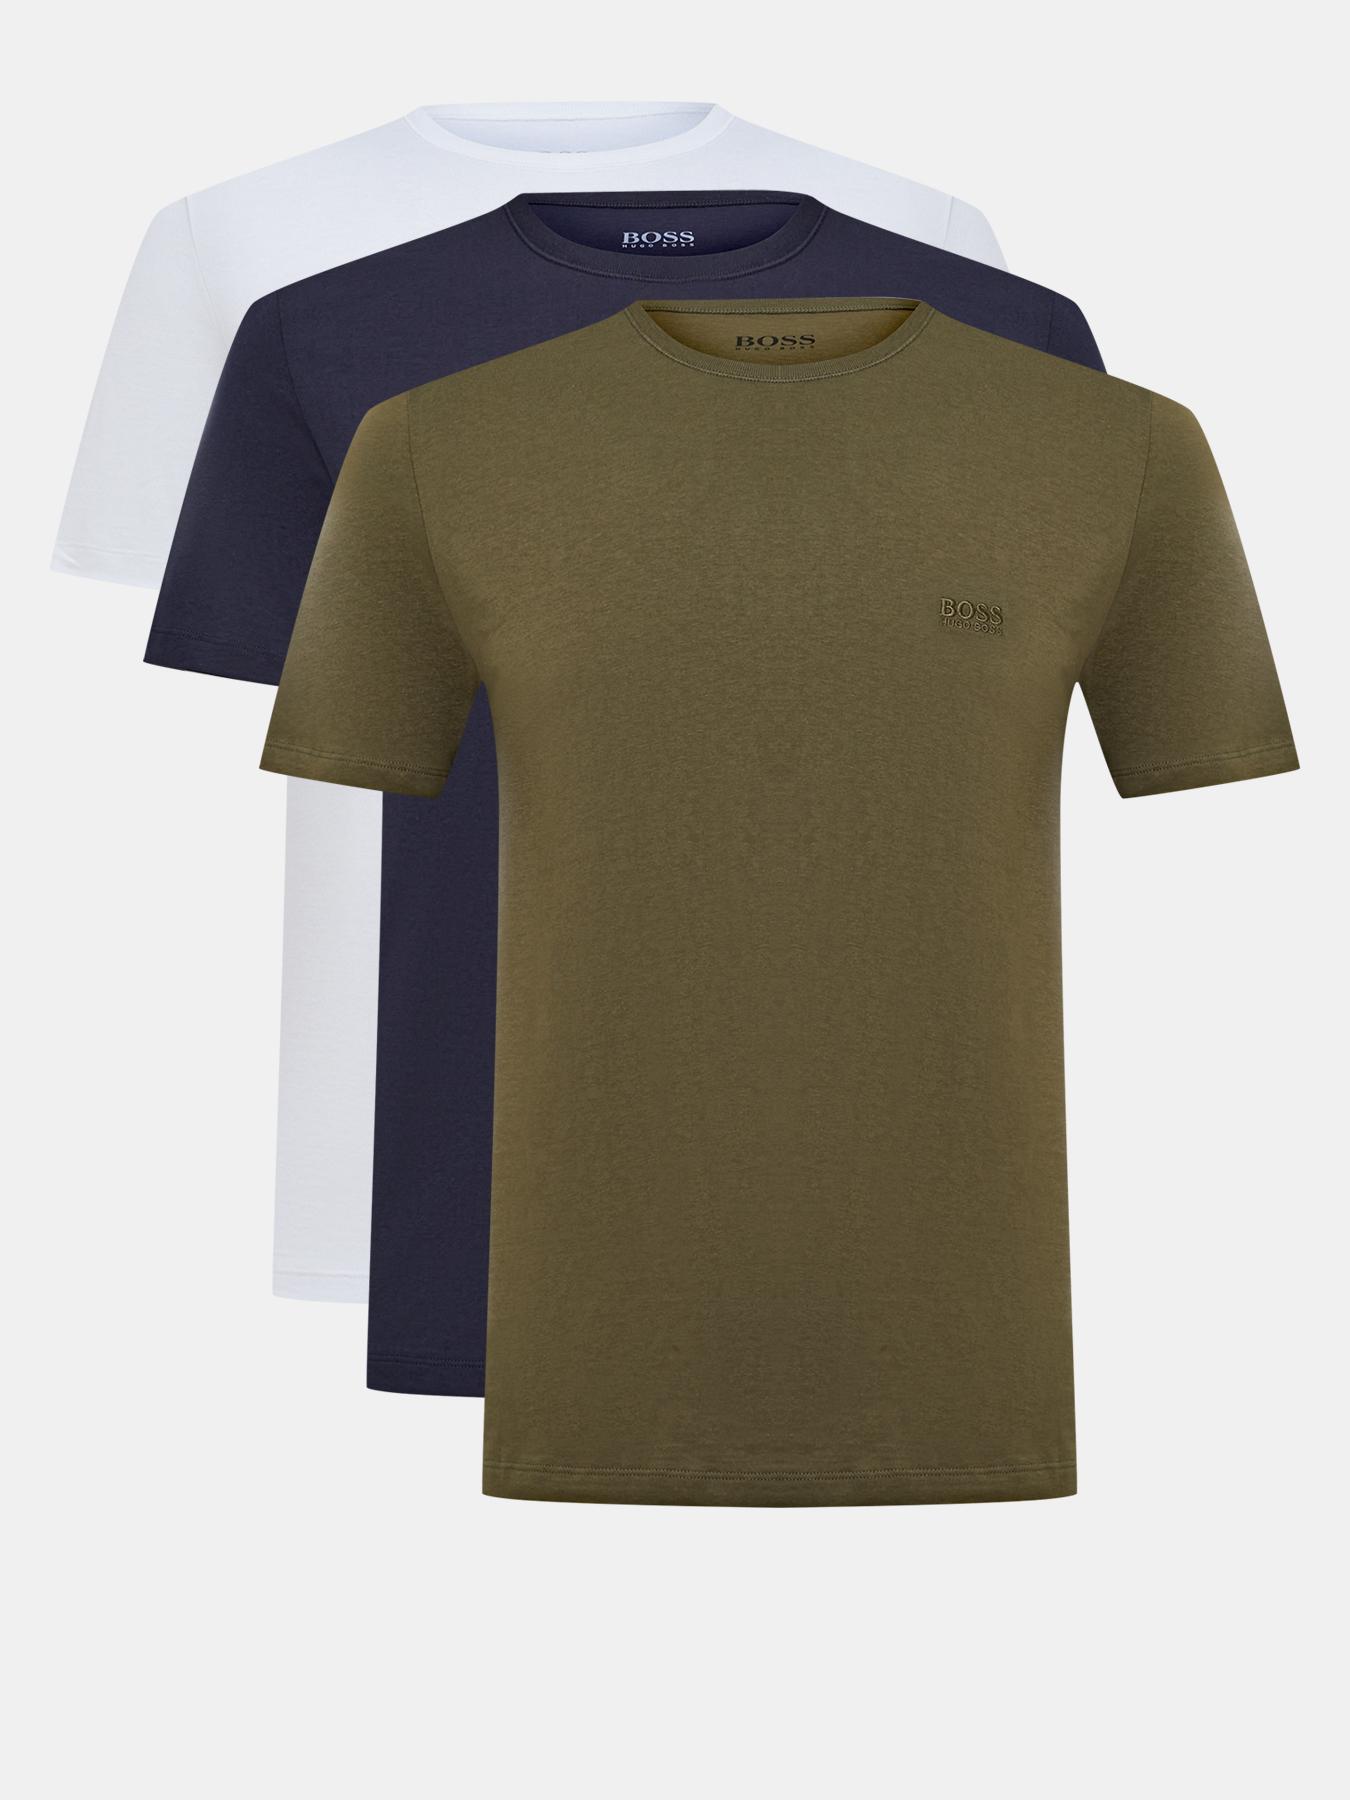 BOSS Футболка T-Shirt (3 шт)